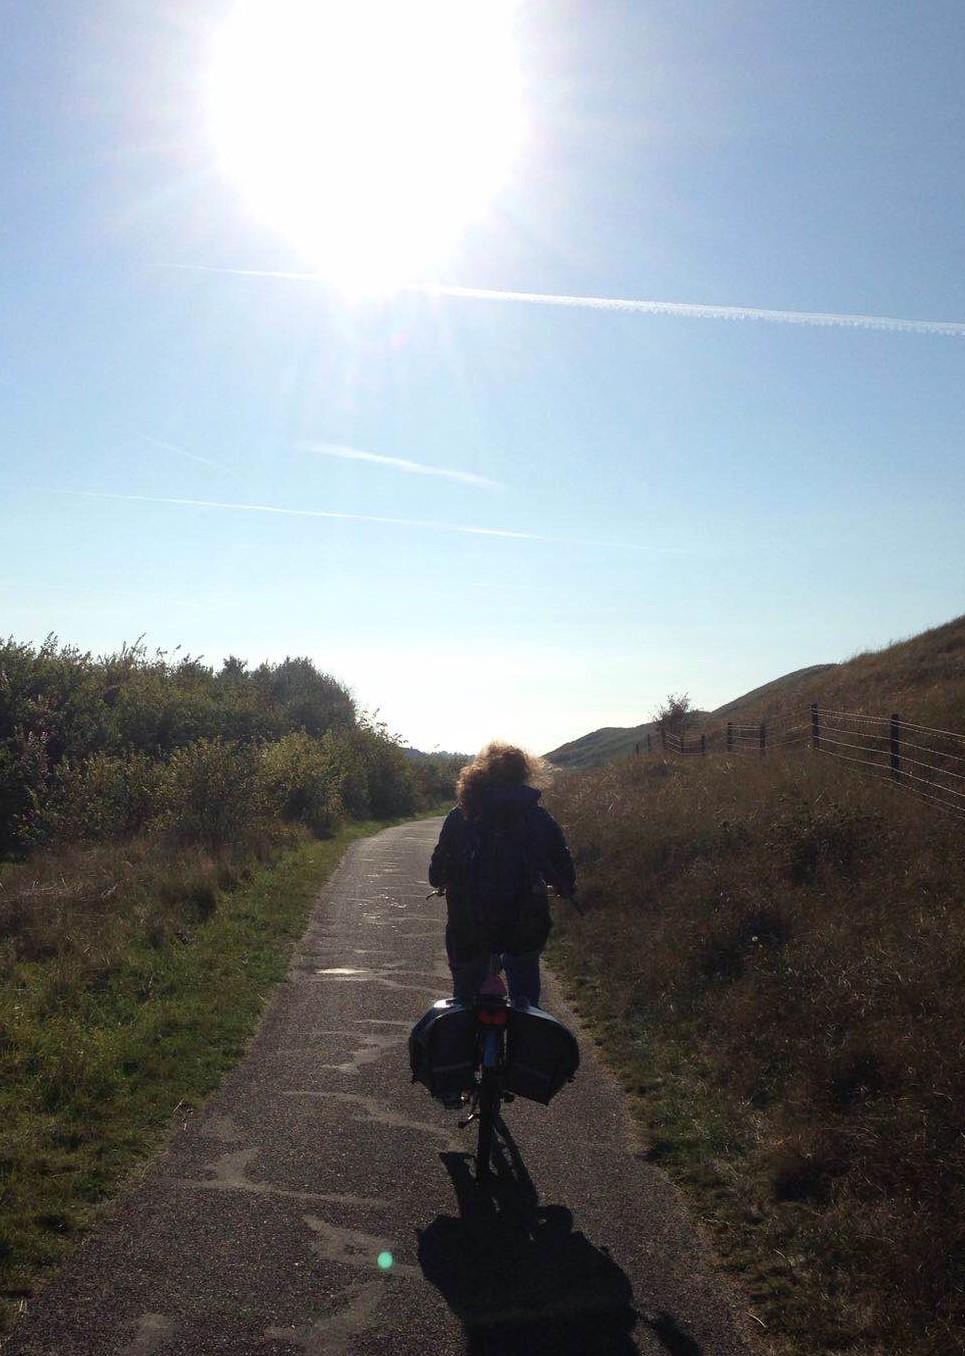 Mijn fietsweek in foto's - TEXEL